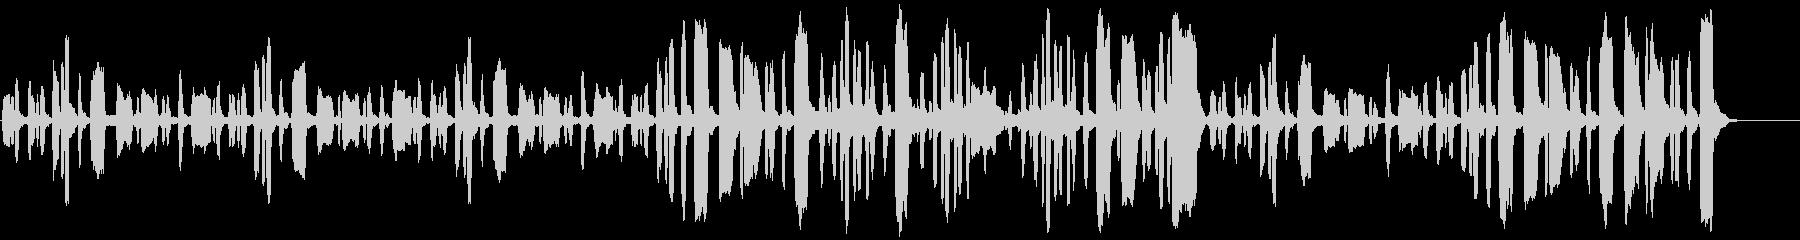 リコーダーののほほんとした曲の未再生の波形